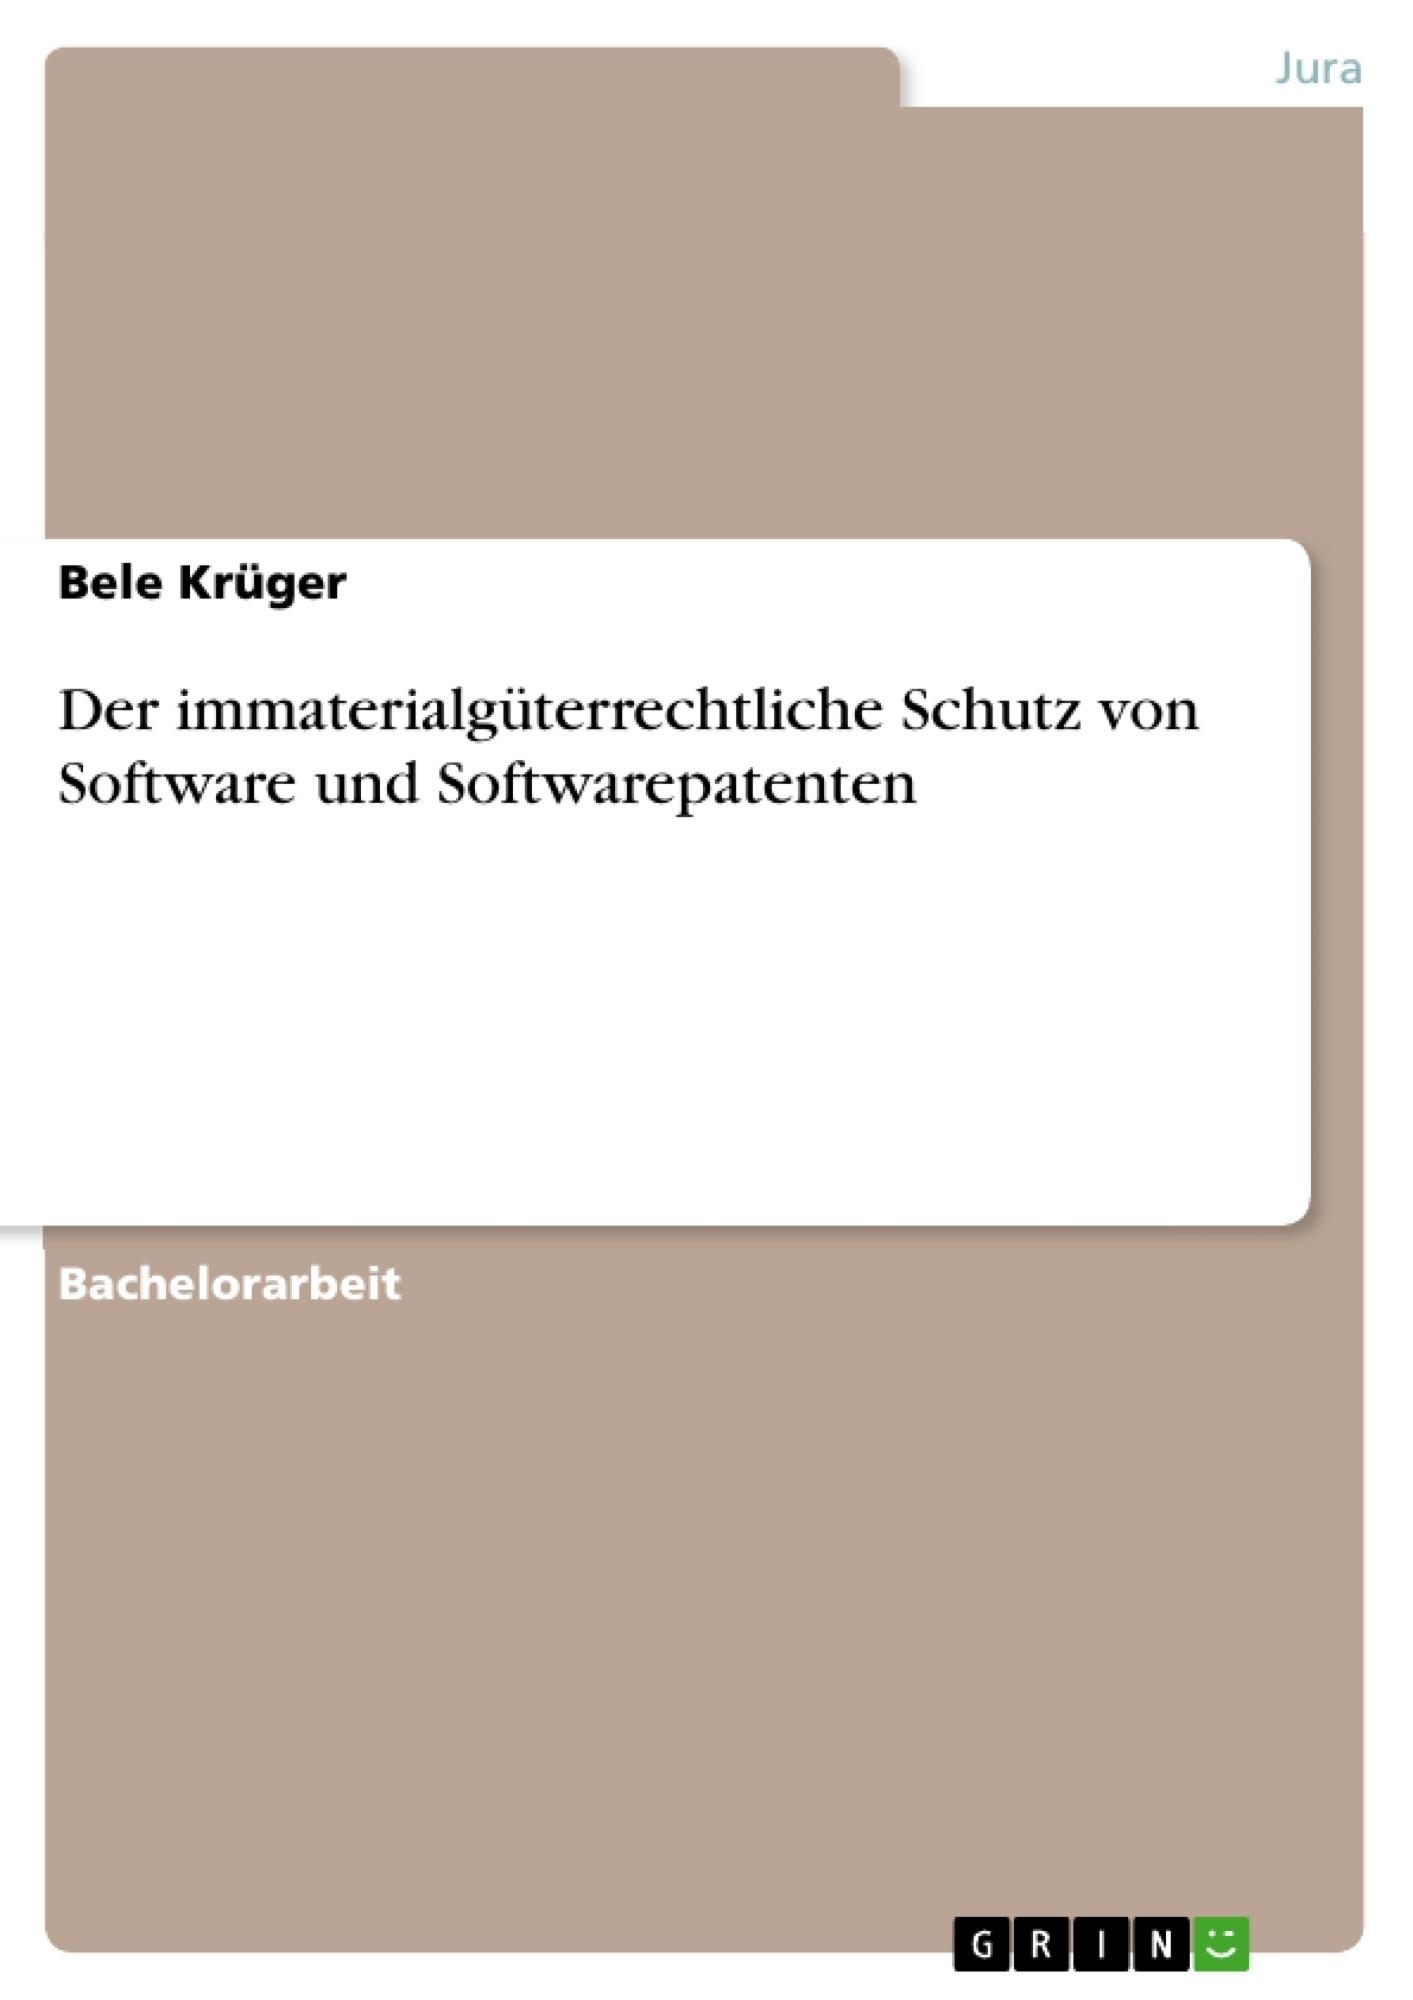 Der immaterialgüterrechtliche Schutz von Software und ...